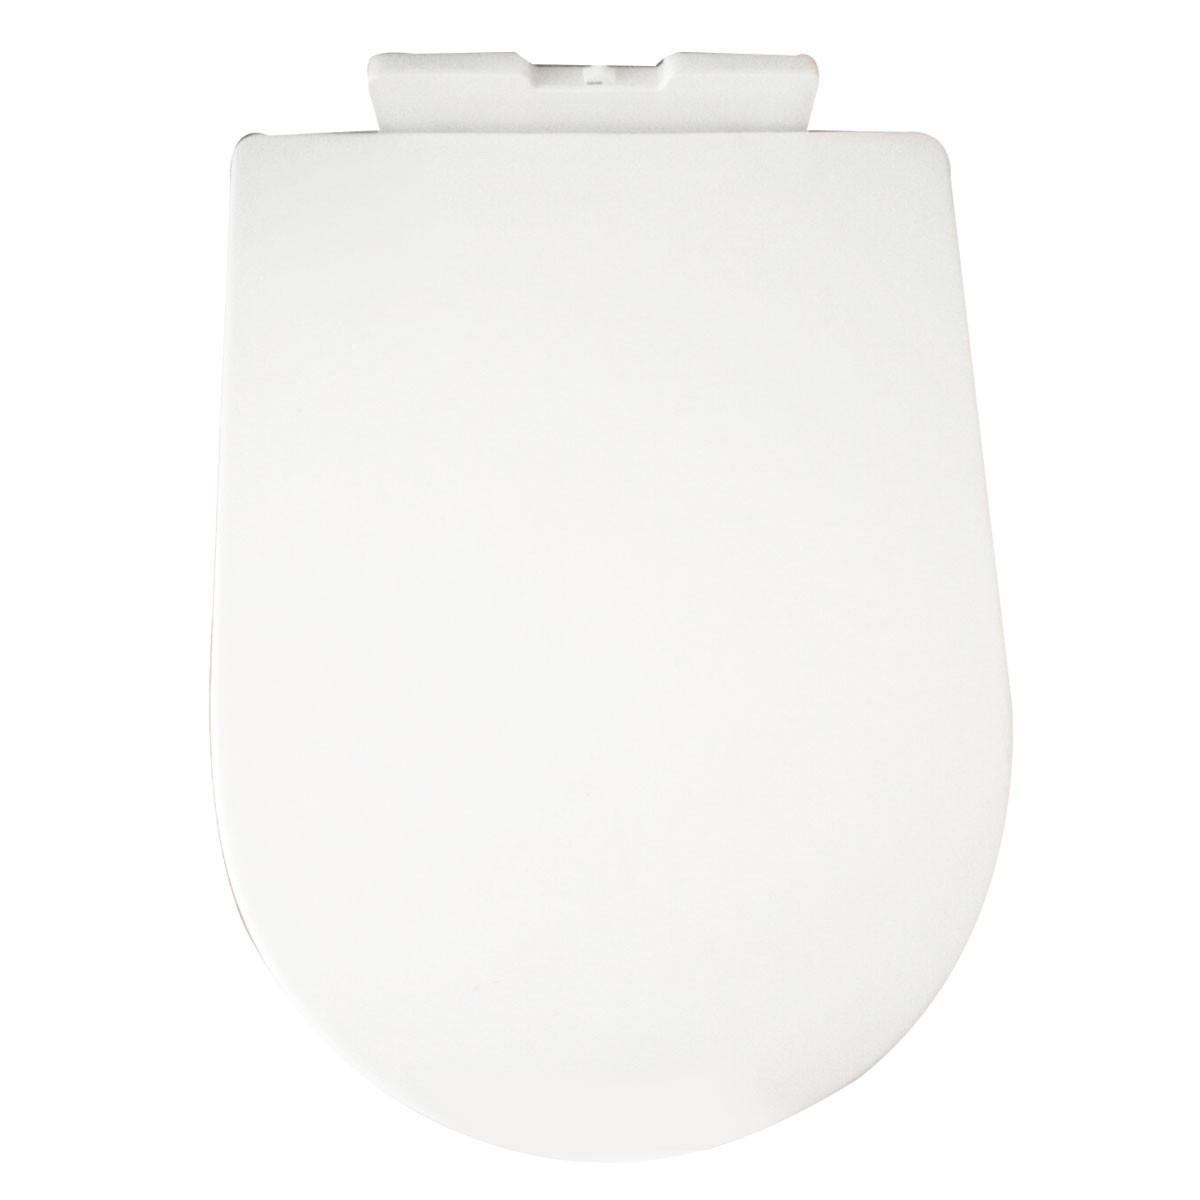 Siège de Toilette Blanc à Fermeture Douce avec Couvercle en PP (DK-CL-090)